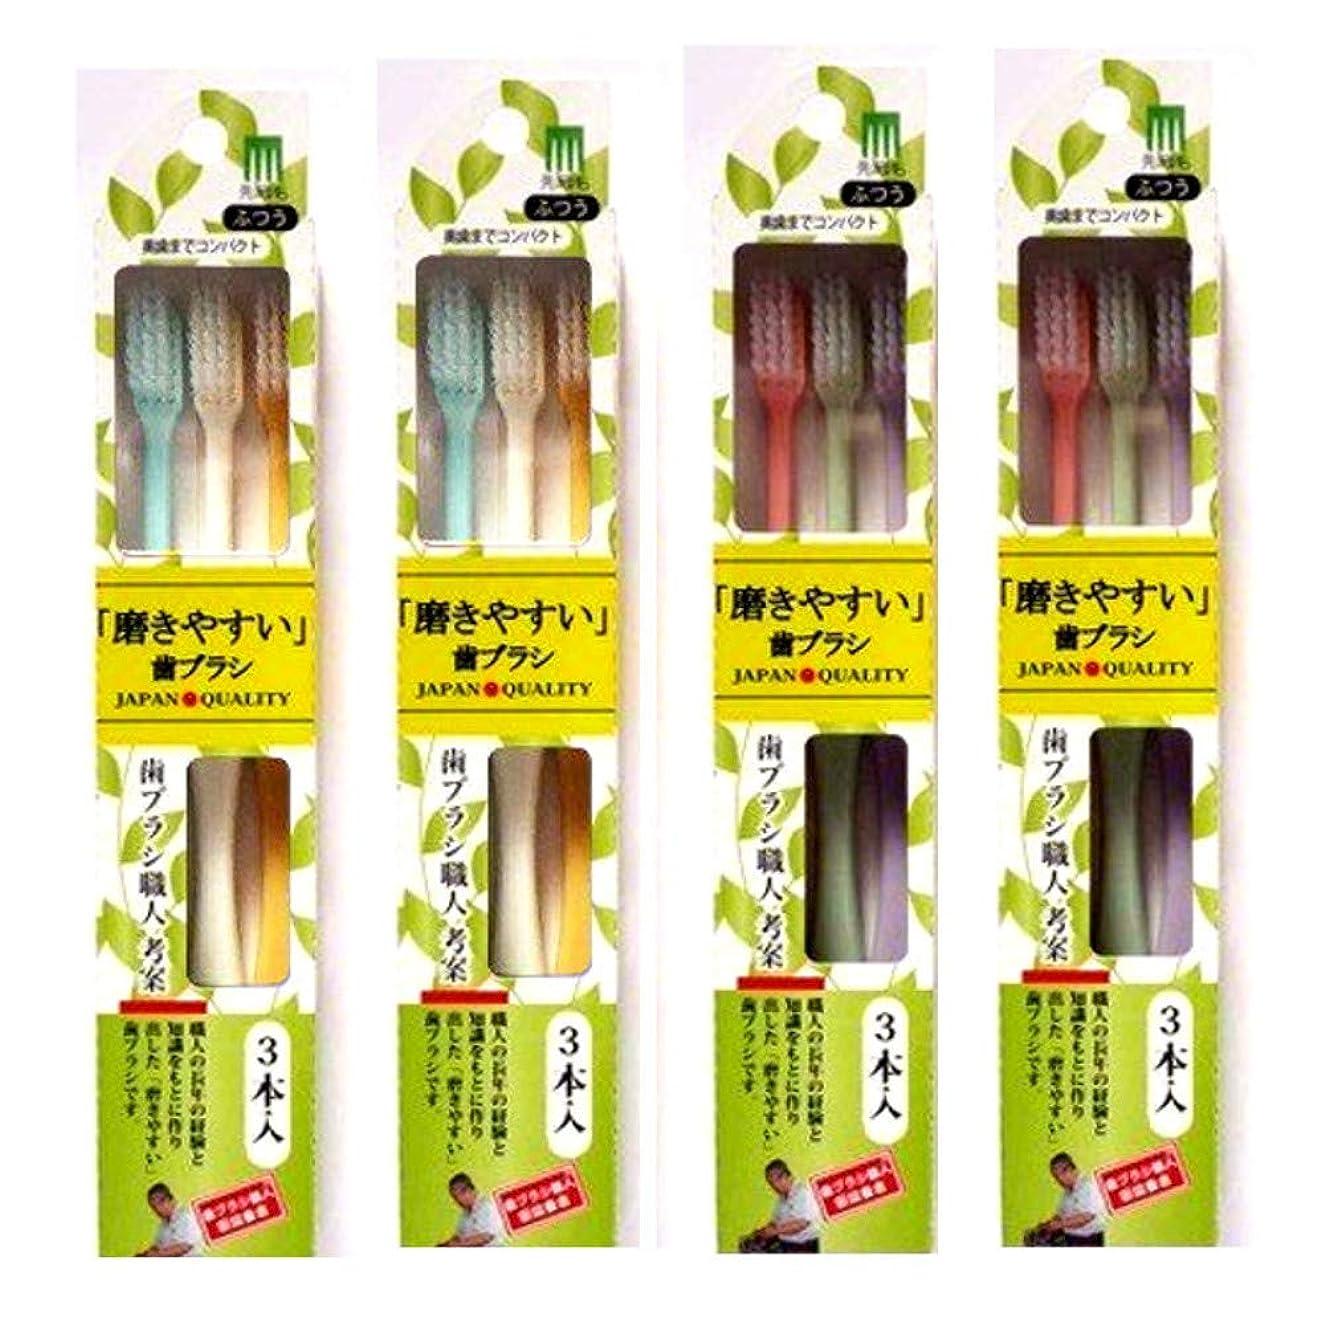 クマノミぴかぴか大学磨きやすい歯ブラシ (先細毛) 奥までコンパクト ELT-1 (3本組×4個セット)